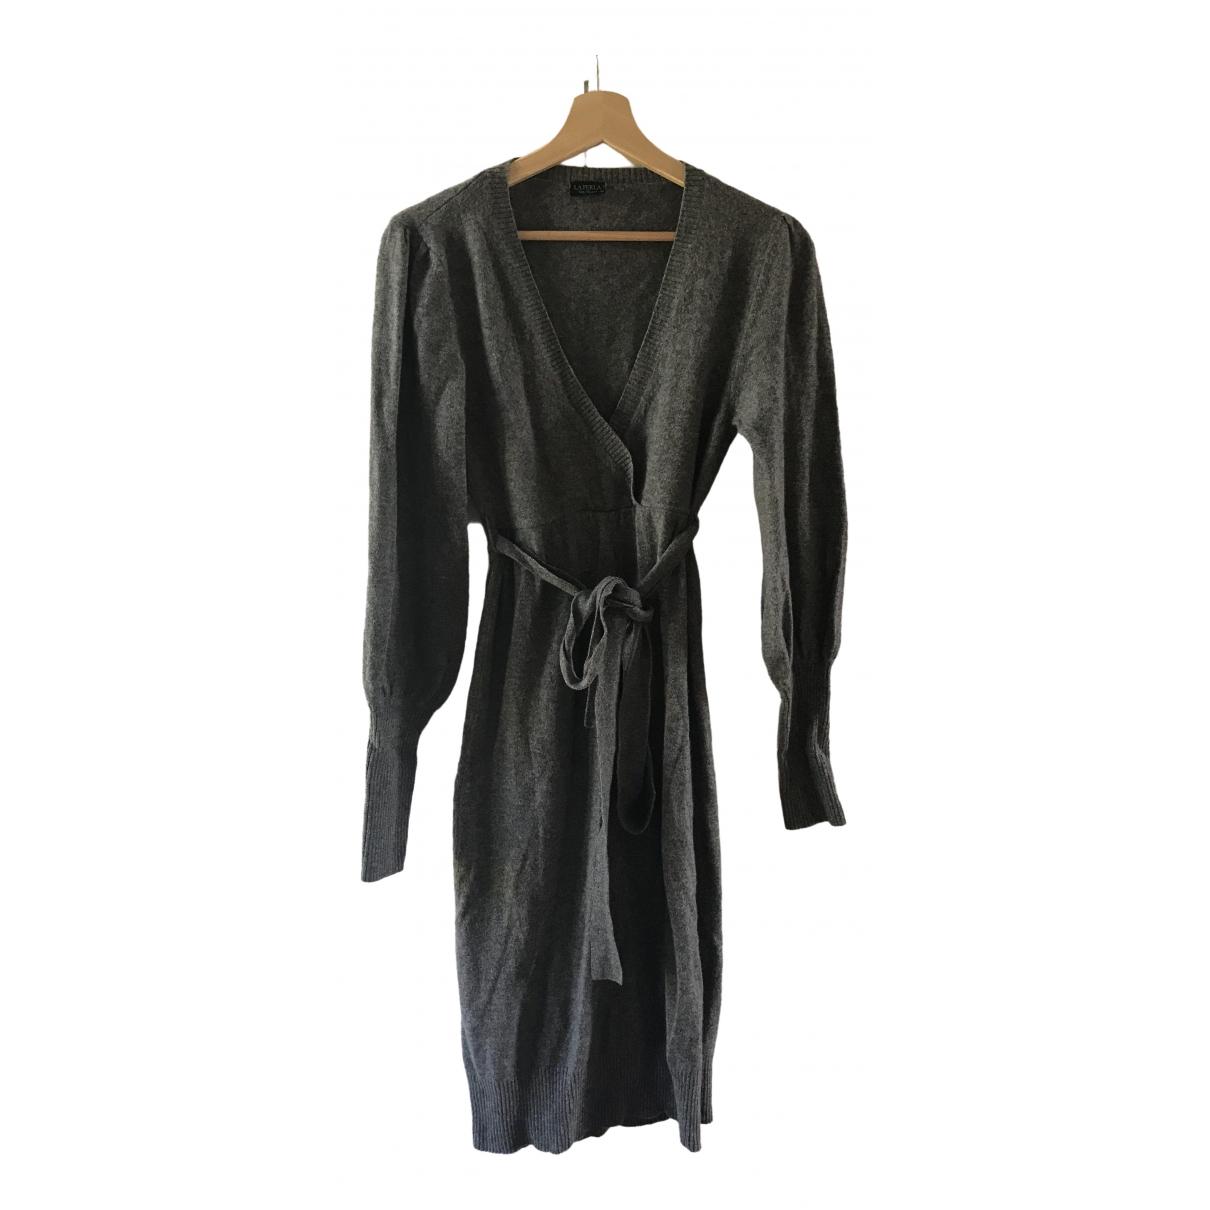 La Perla \N Kleid in  Grau Kaschmir